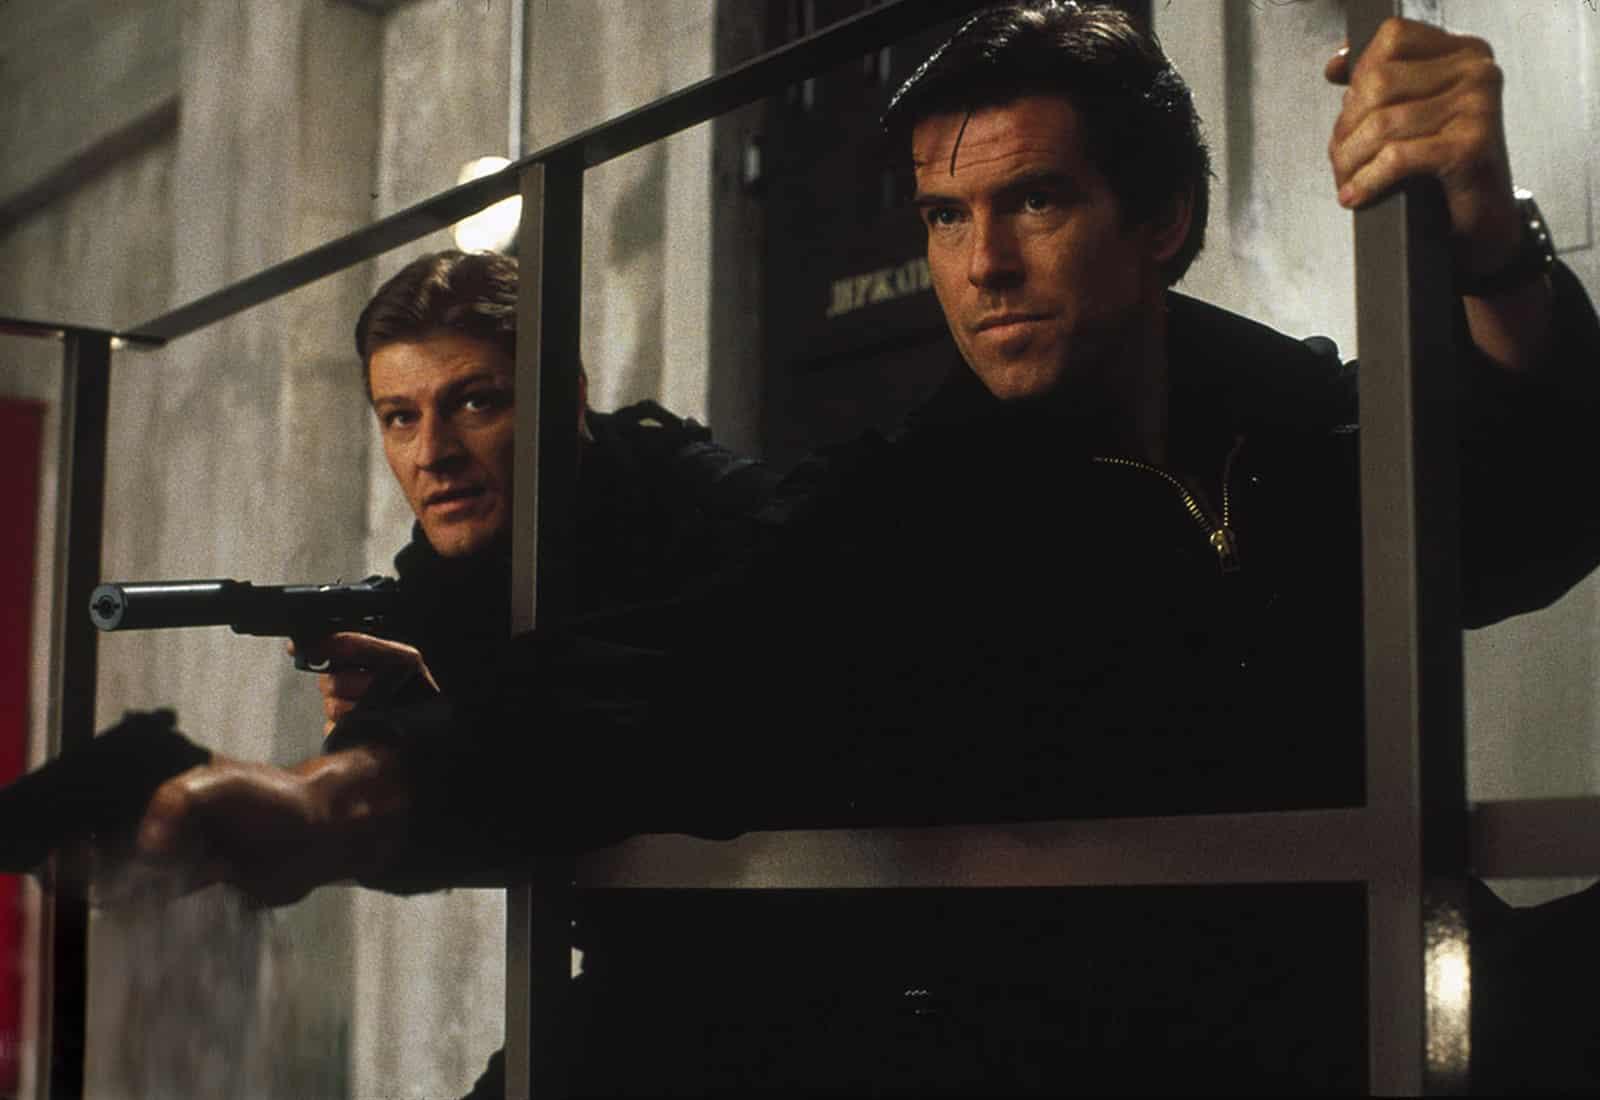 GoldenEye 007 James Bond the same in a changed world post-Cold War, still a sexist chauvinist Alec Trevelyan